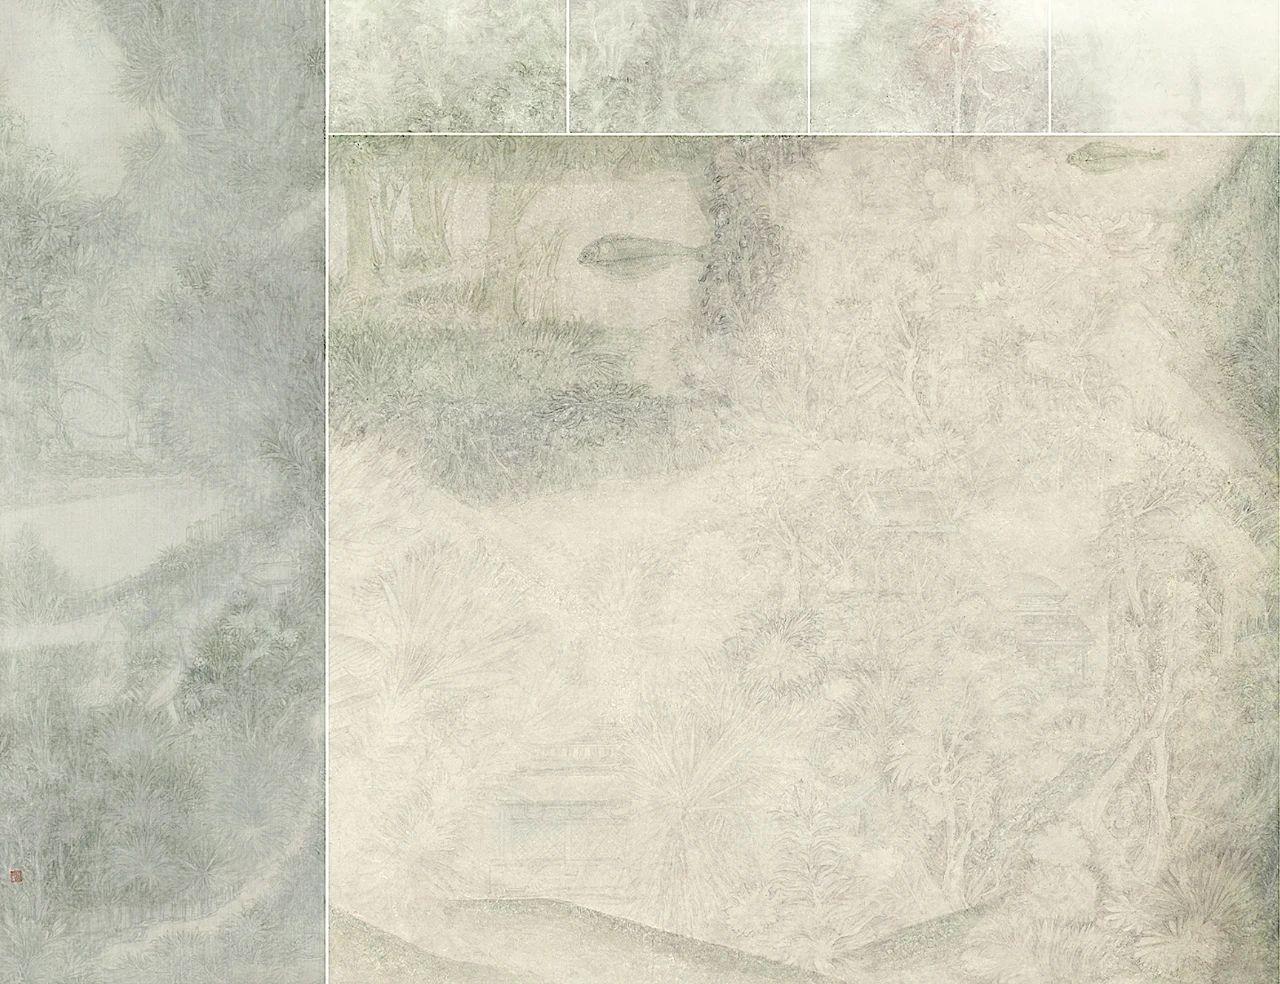 张蓉:用意象山水书写心中的诗情画意